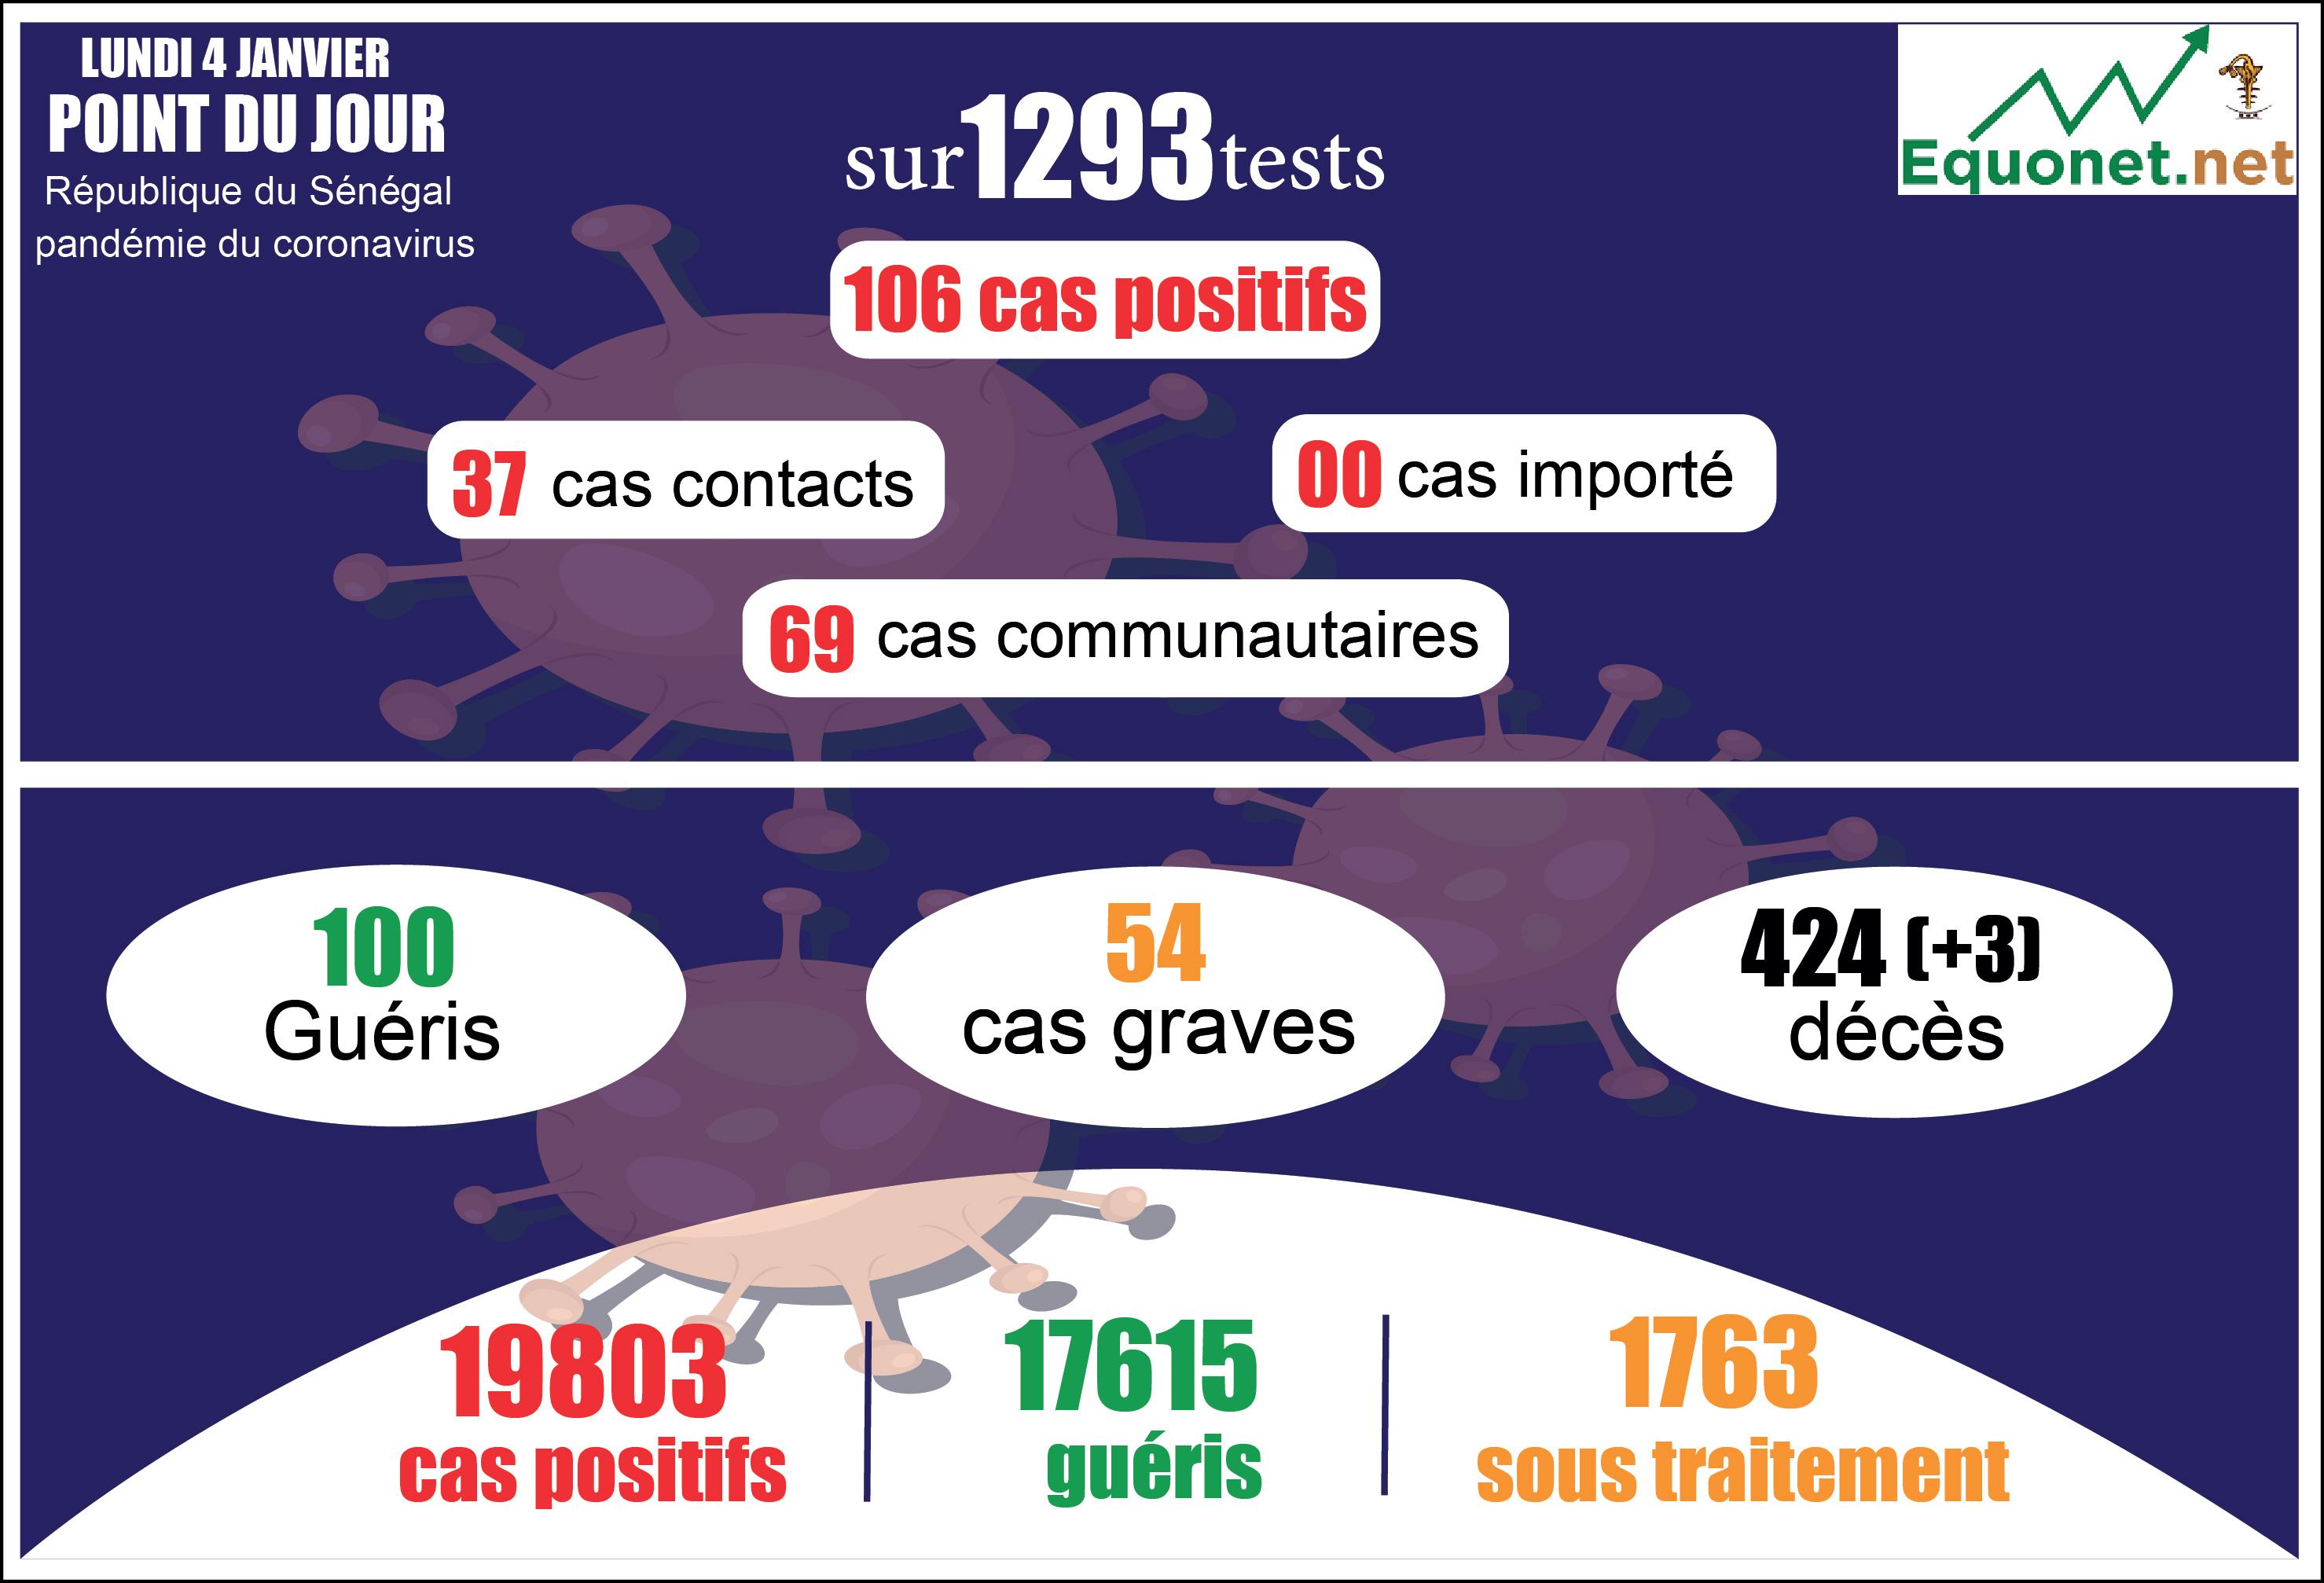 pandémie du coronavirus-covid-19 au sénégal : 69 cas communautaires ont été enregistrés ce lundi 4 janvier 2021